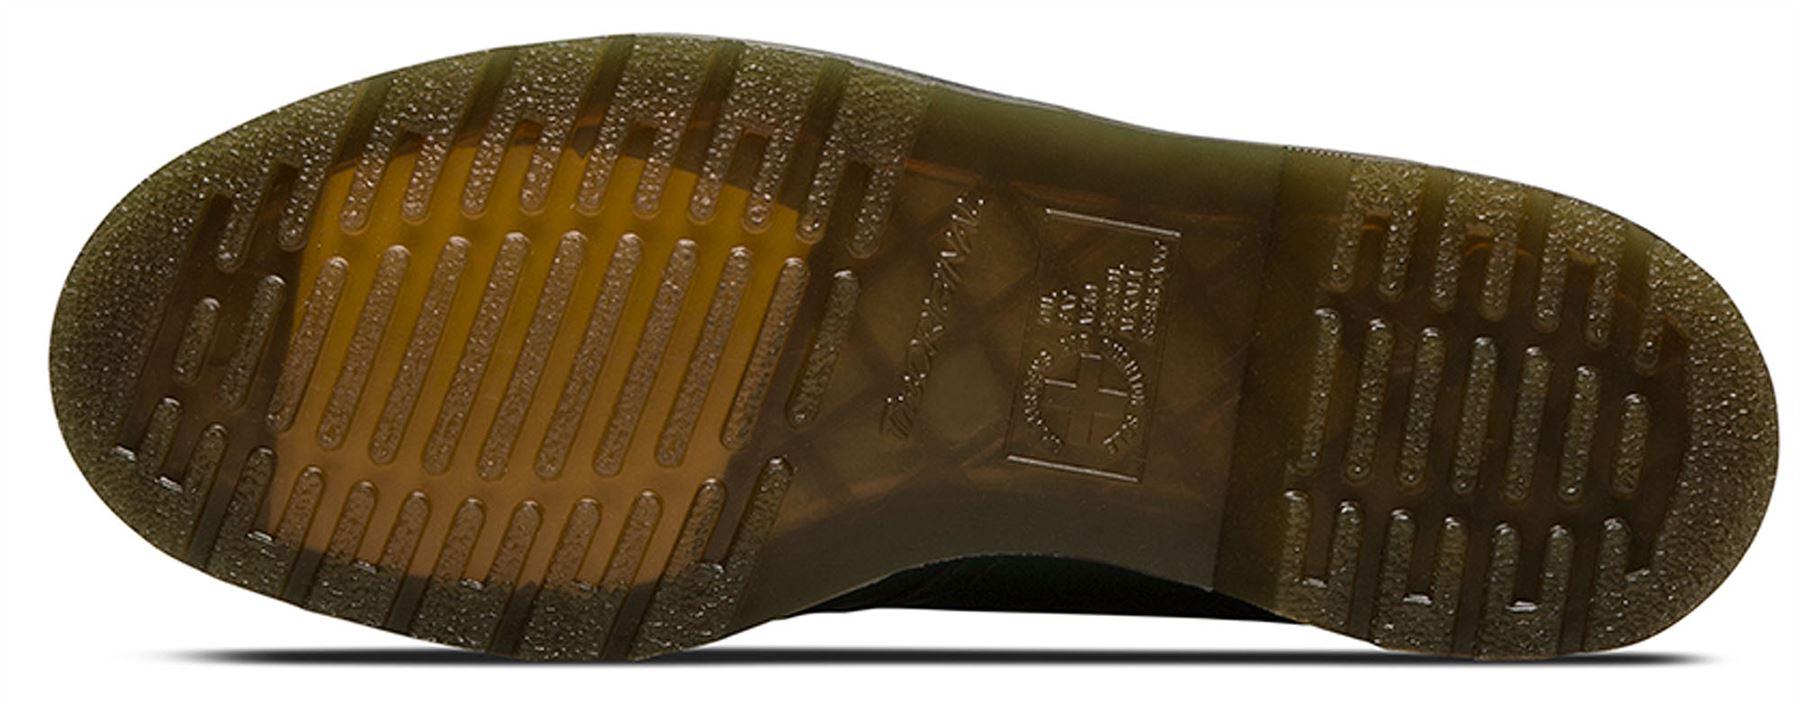 DR Martens da Uomo 1461 BRUNITA Verde Antico Temperley BRUNITA 1461 Liscio Scarpe Di Pelle 86c99d